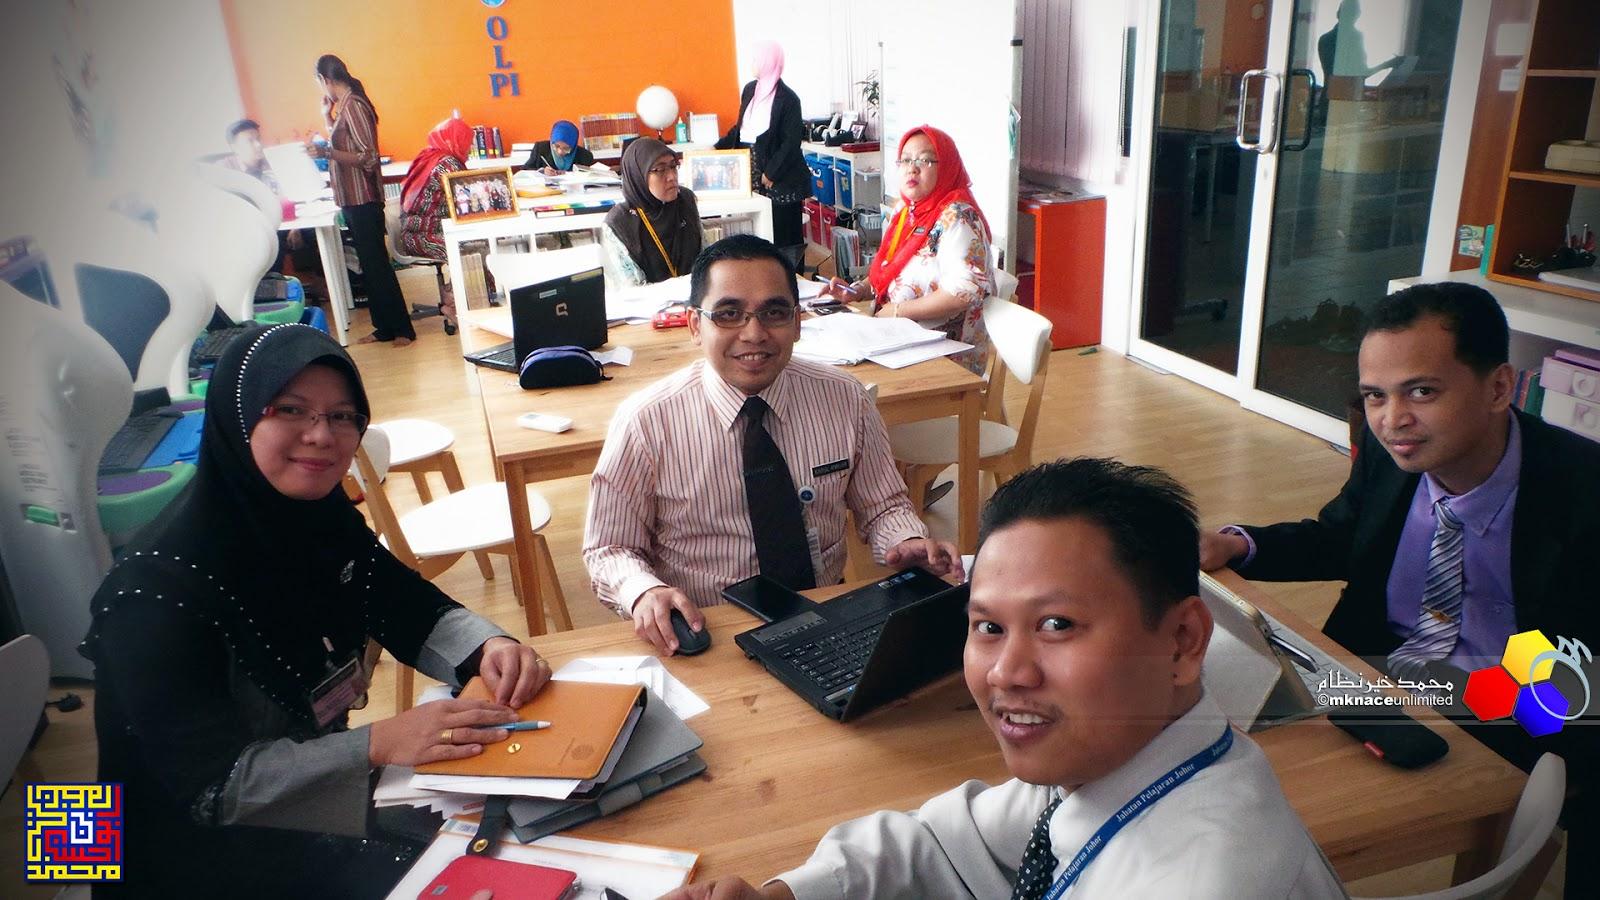 Lawatan Kunjung Bantu Ke Sekolah Dalam Hospital Sultanah Aminah Tcash Vaganza 32 Milo Malaysia Activ Go Lama Tak Sini 14 Julai Lepas Singgah Sekali Lagi Bersama Team Maklumat Dari